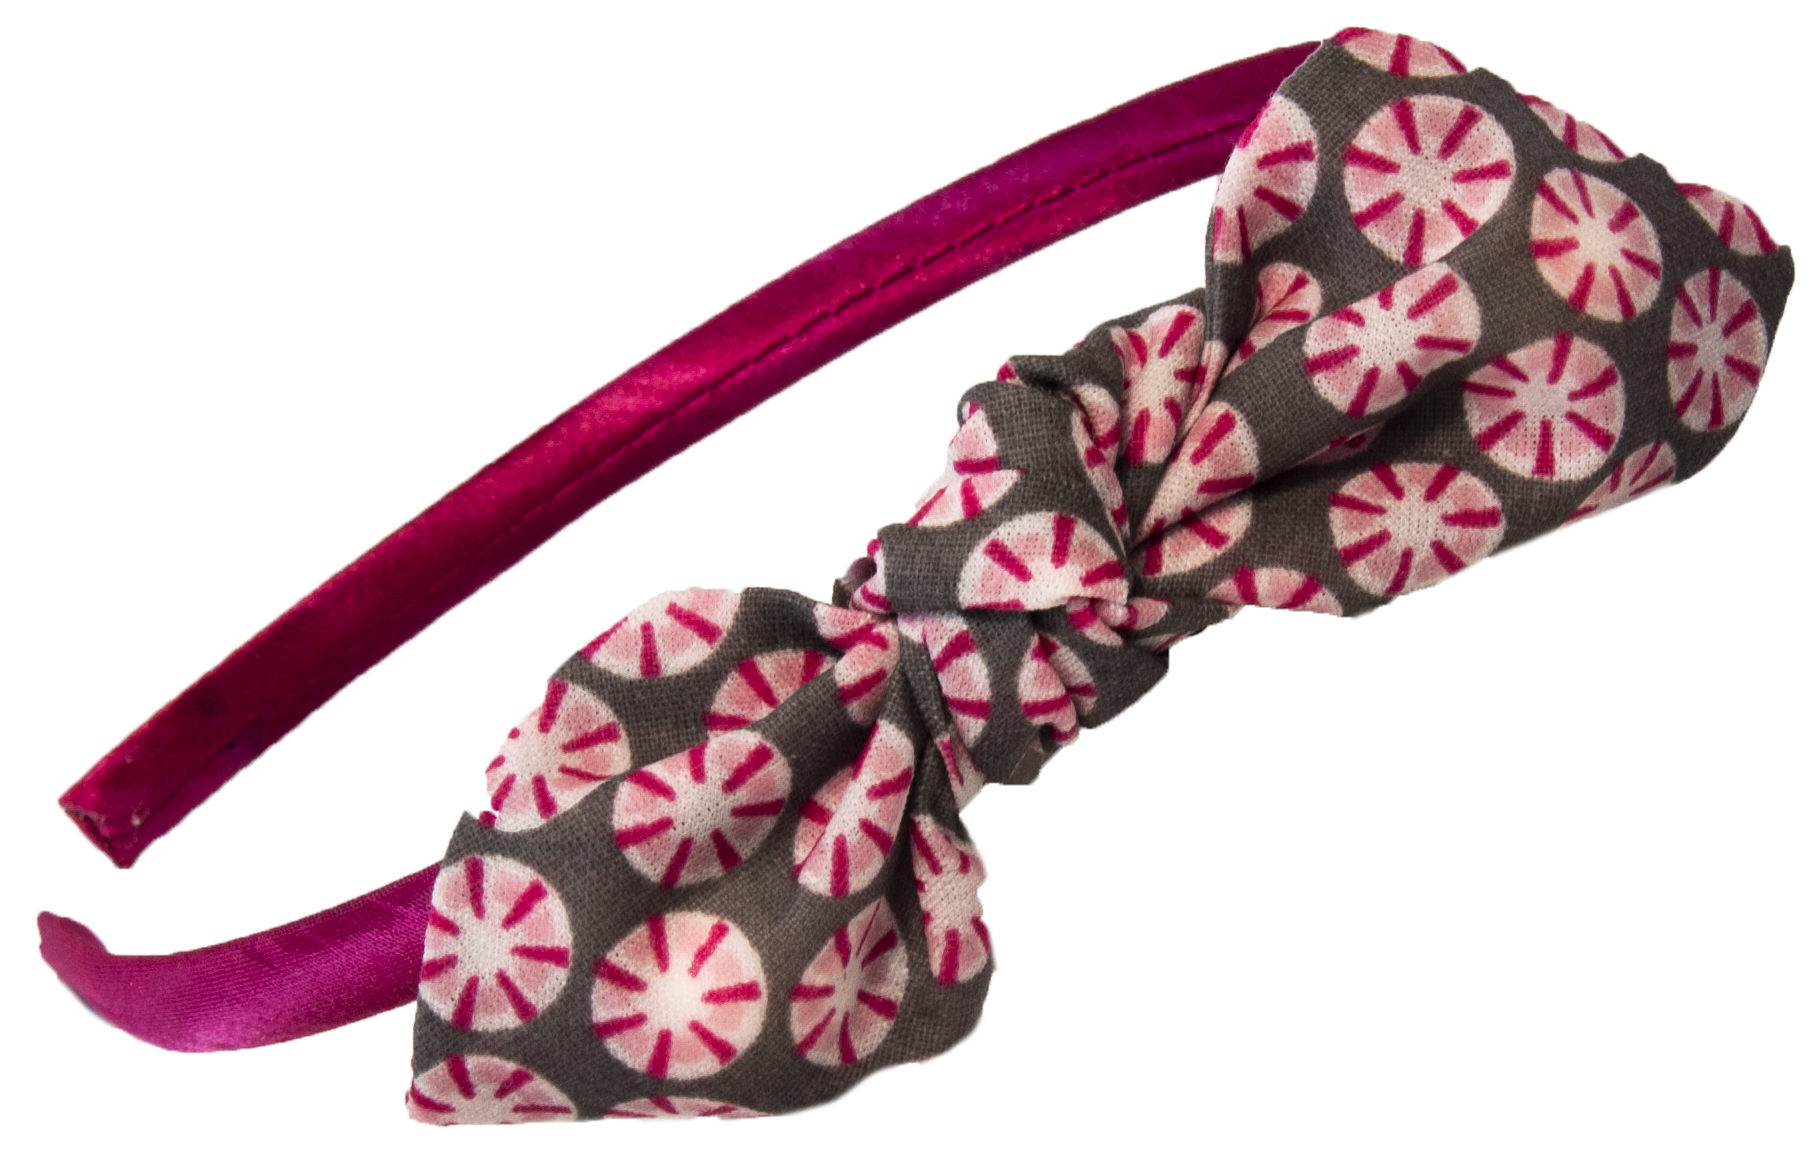 506610d6128 Mon serre-tête nœud série limitée rosasse grise et rose - ADIPOUX